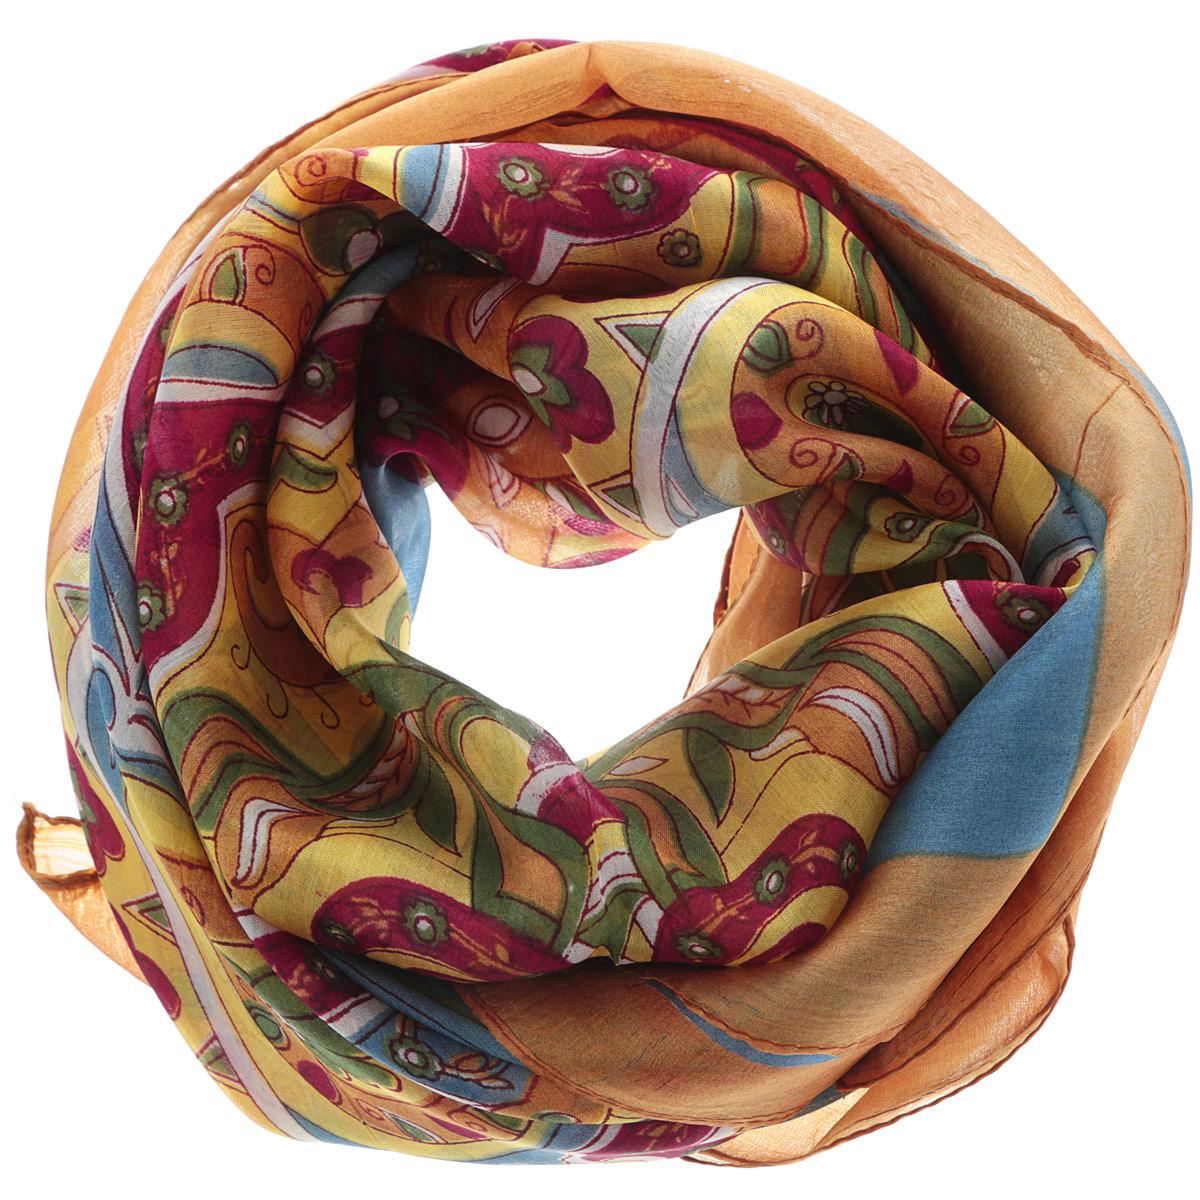 Платок женский. 560135н560135нСтильный женский платок Ethnica станет великолепным завершением любого наряда. Платок изготовлен из 100% шелка с использованием натуральных красителей, оформлен оригинальным орнаментом. Классическая квадратная форма позволяет носить платок на шее, украшать им прическу или декорировать сумочку. Такой платок превосходно дополнит любой наряд и подчеркнет ваш неповторимый вкус и элегантность.